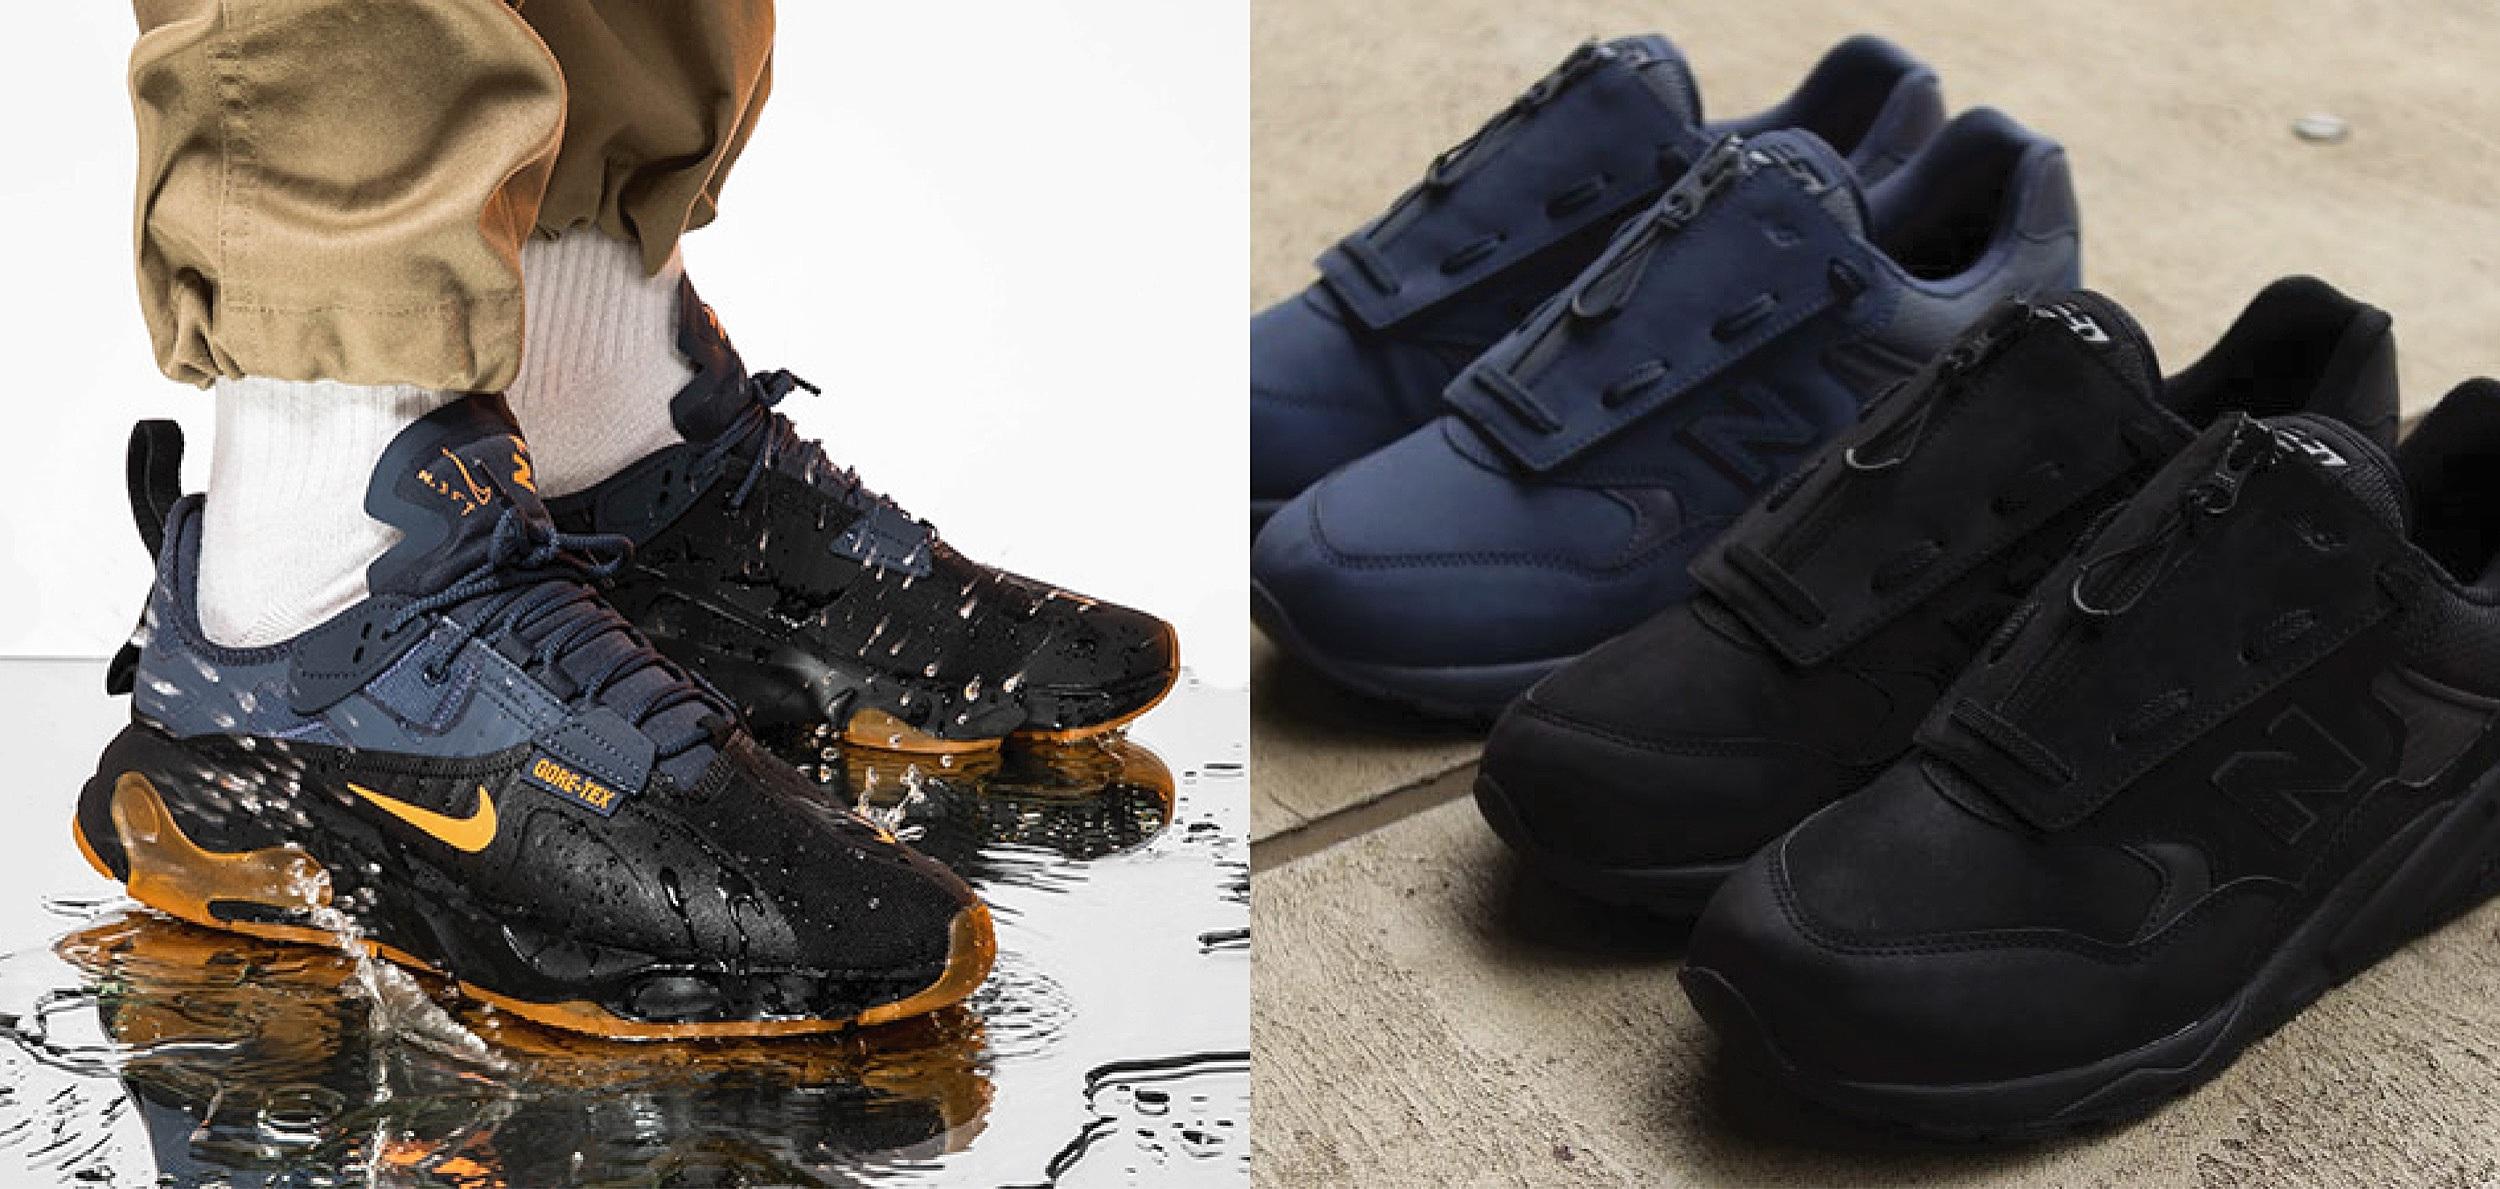 斜風細雨就要 GORE-TEX!盤點四雙雨季必備鞋款!